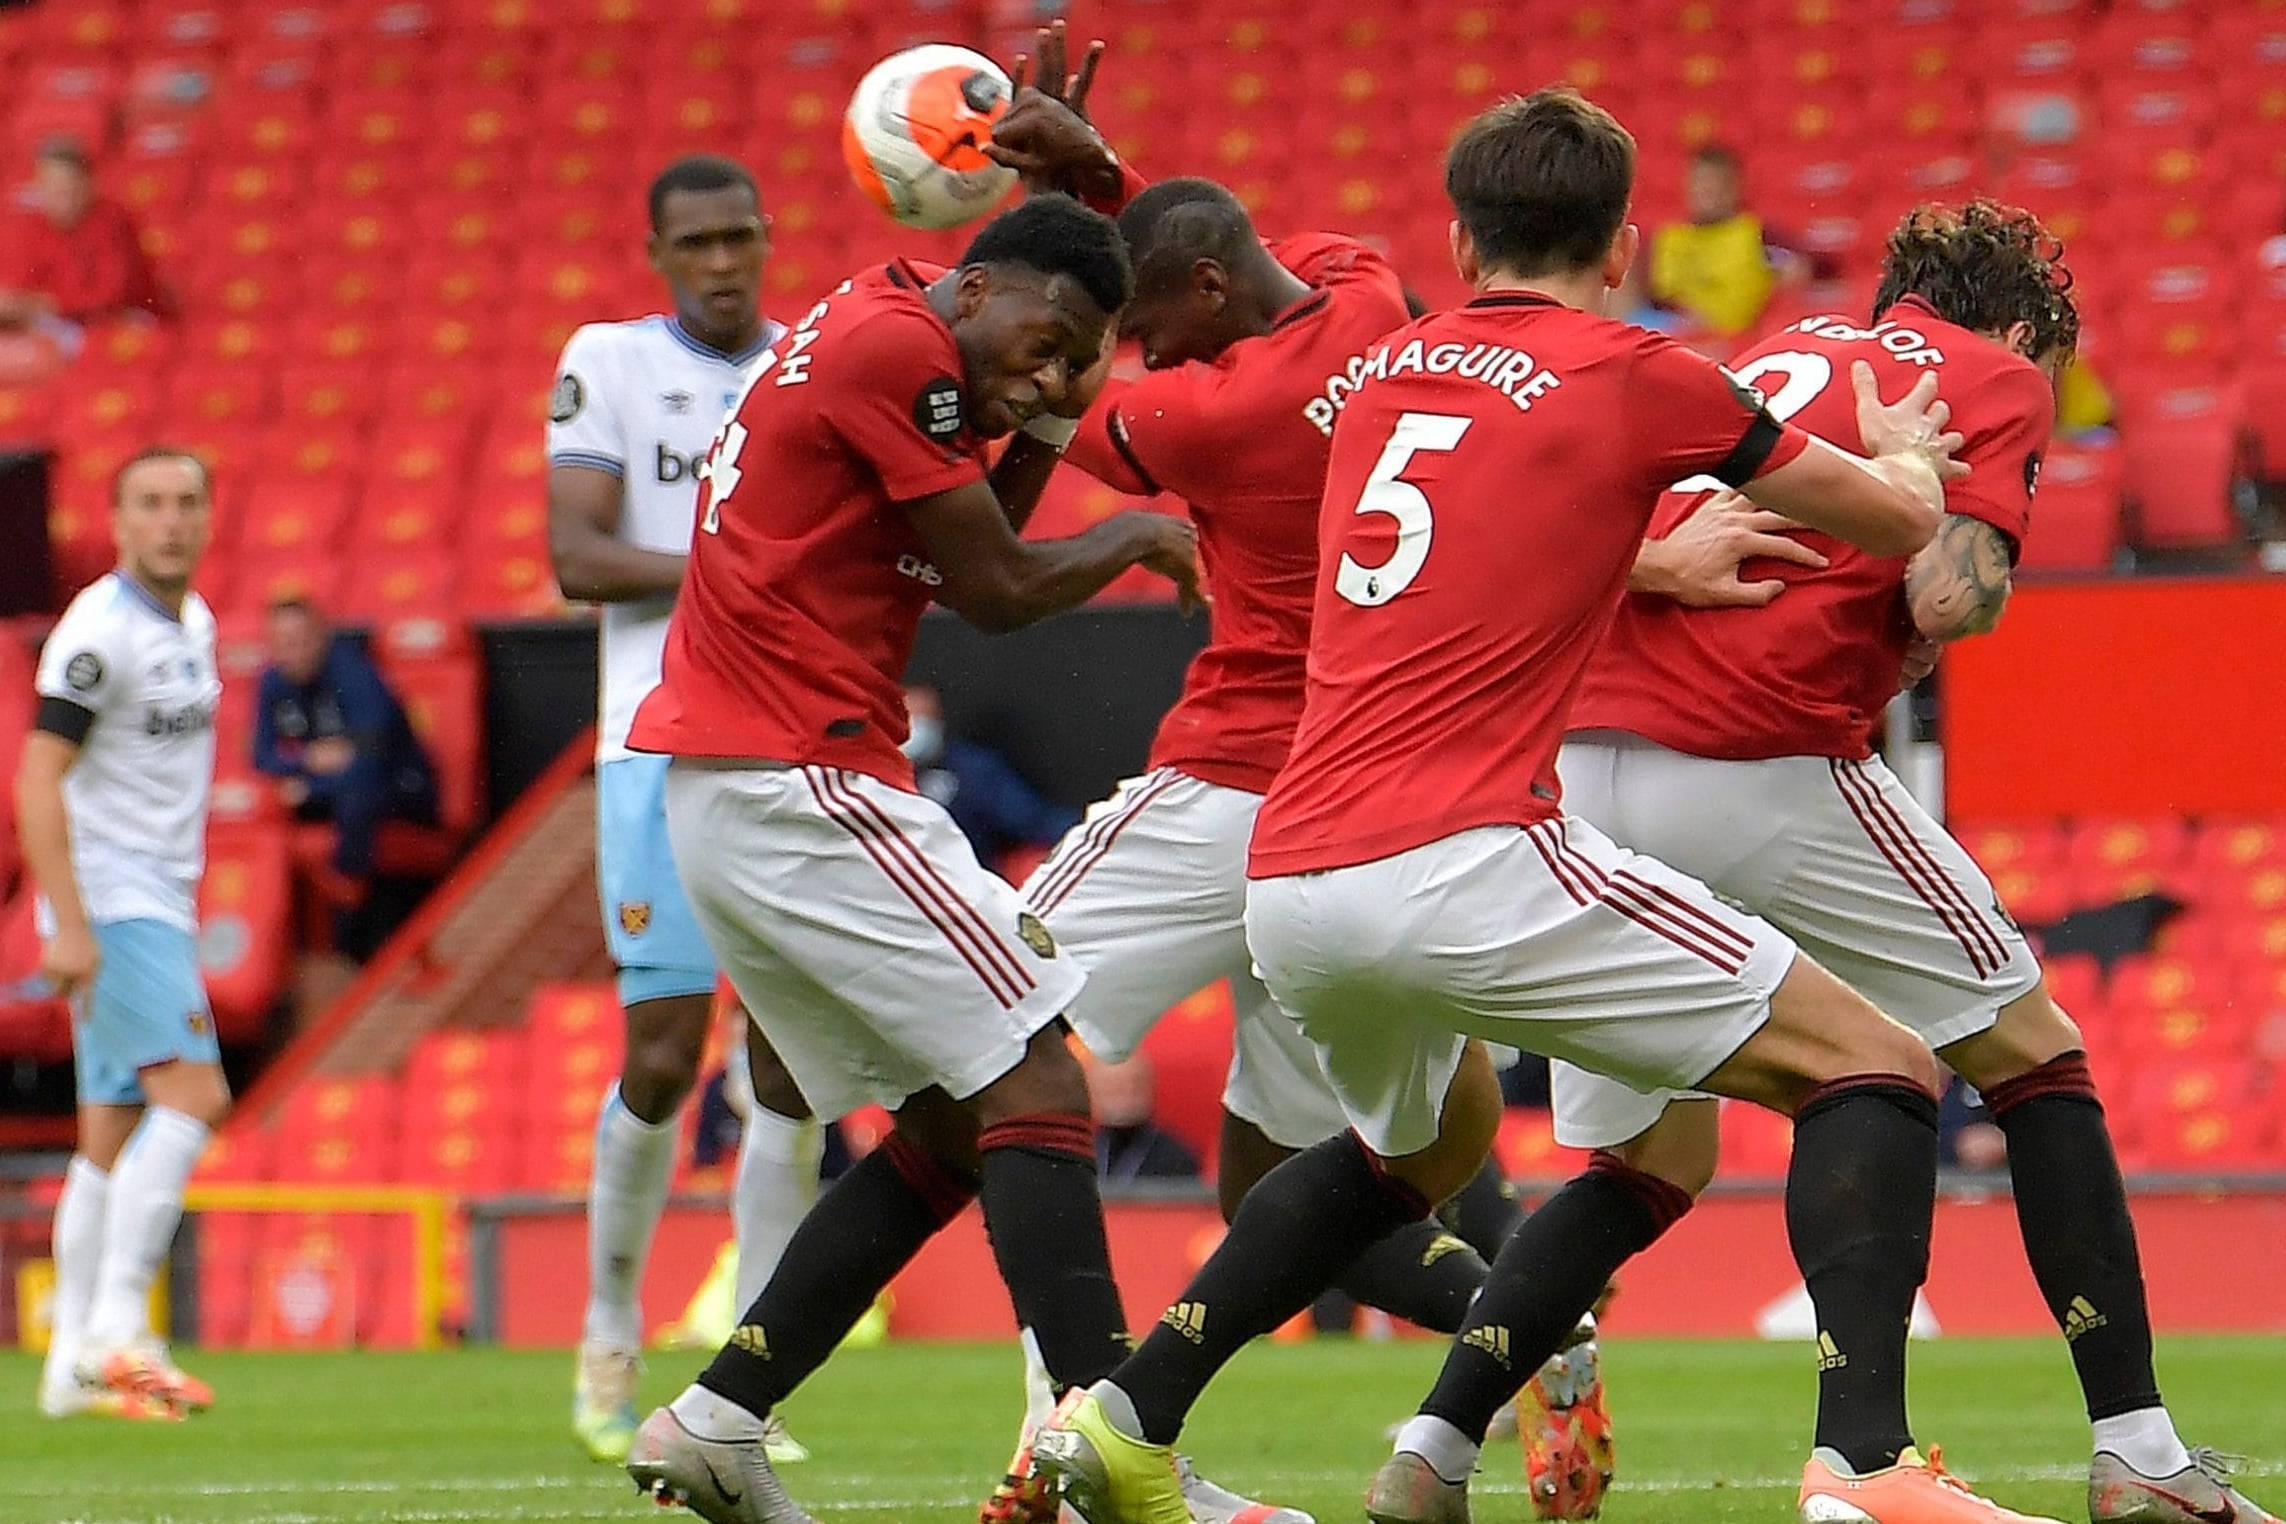 Manchester United muốn dự Champions League mùa sau phải có điều kiện gì?